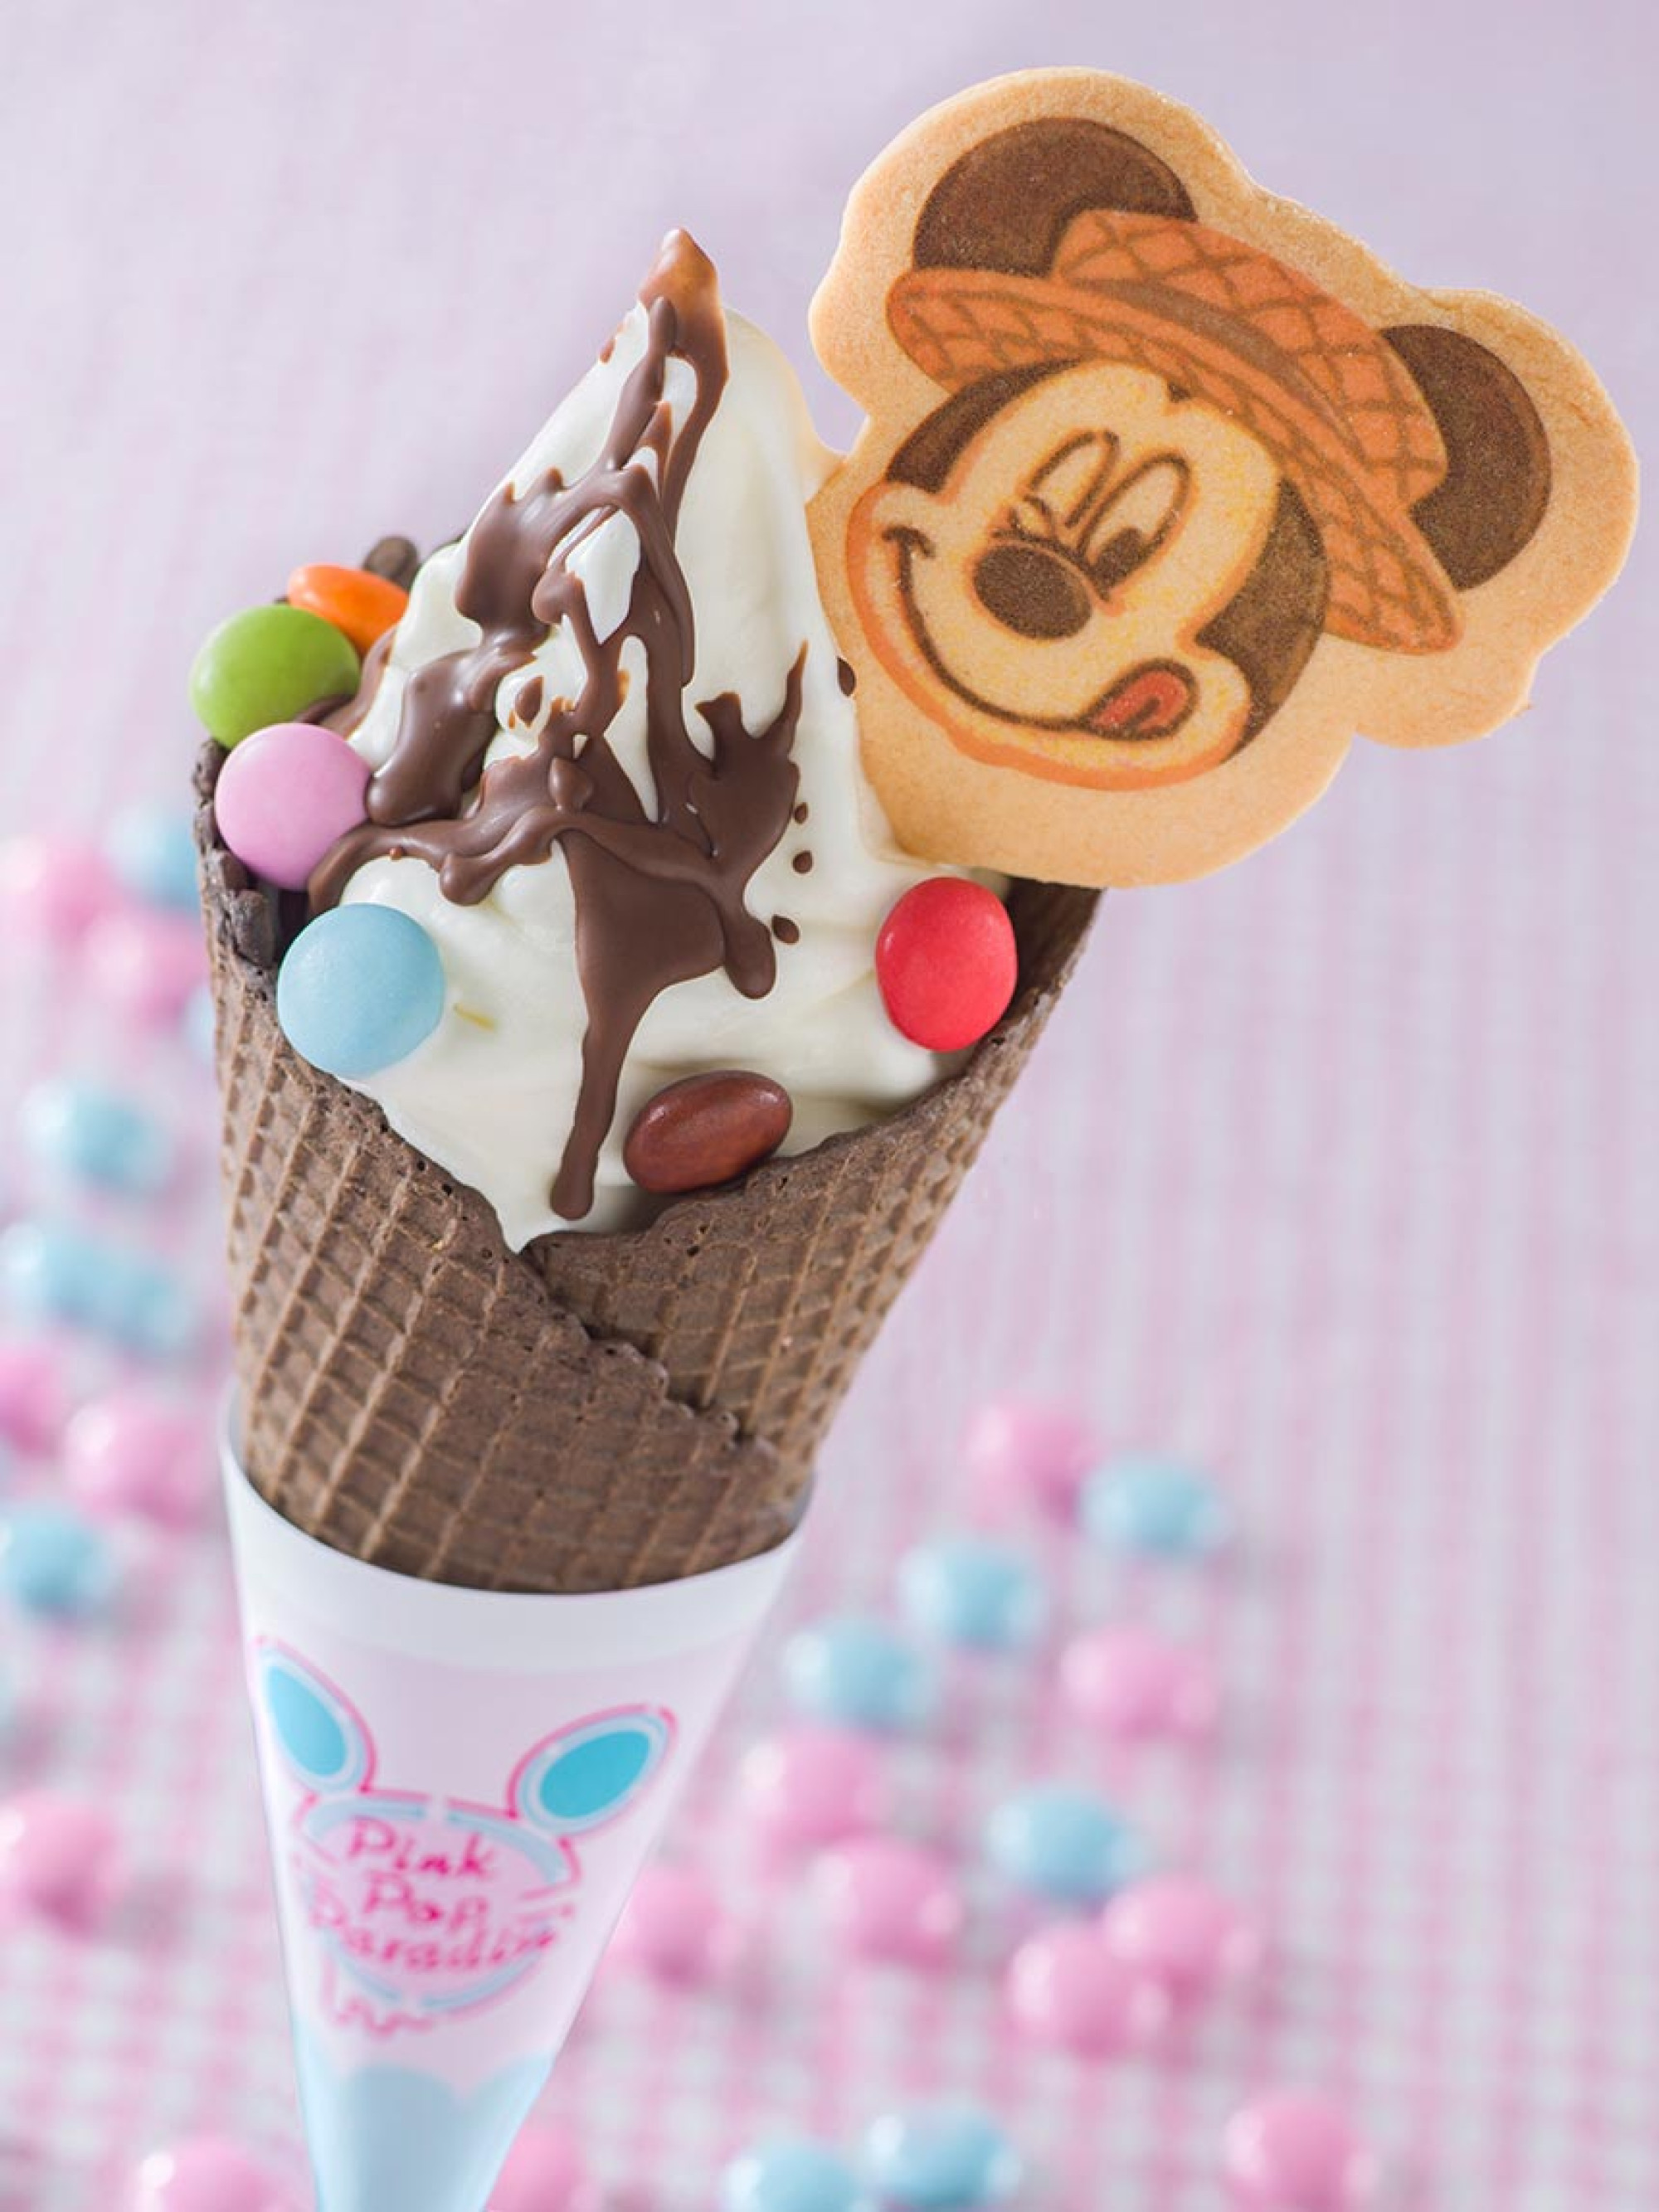 ソフトクリーム&チョコレート